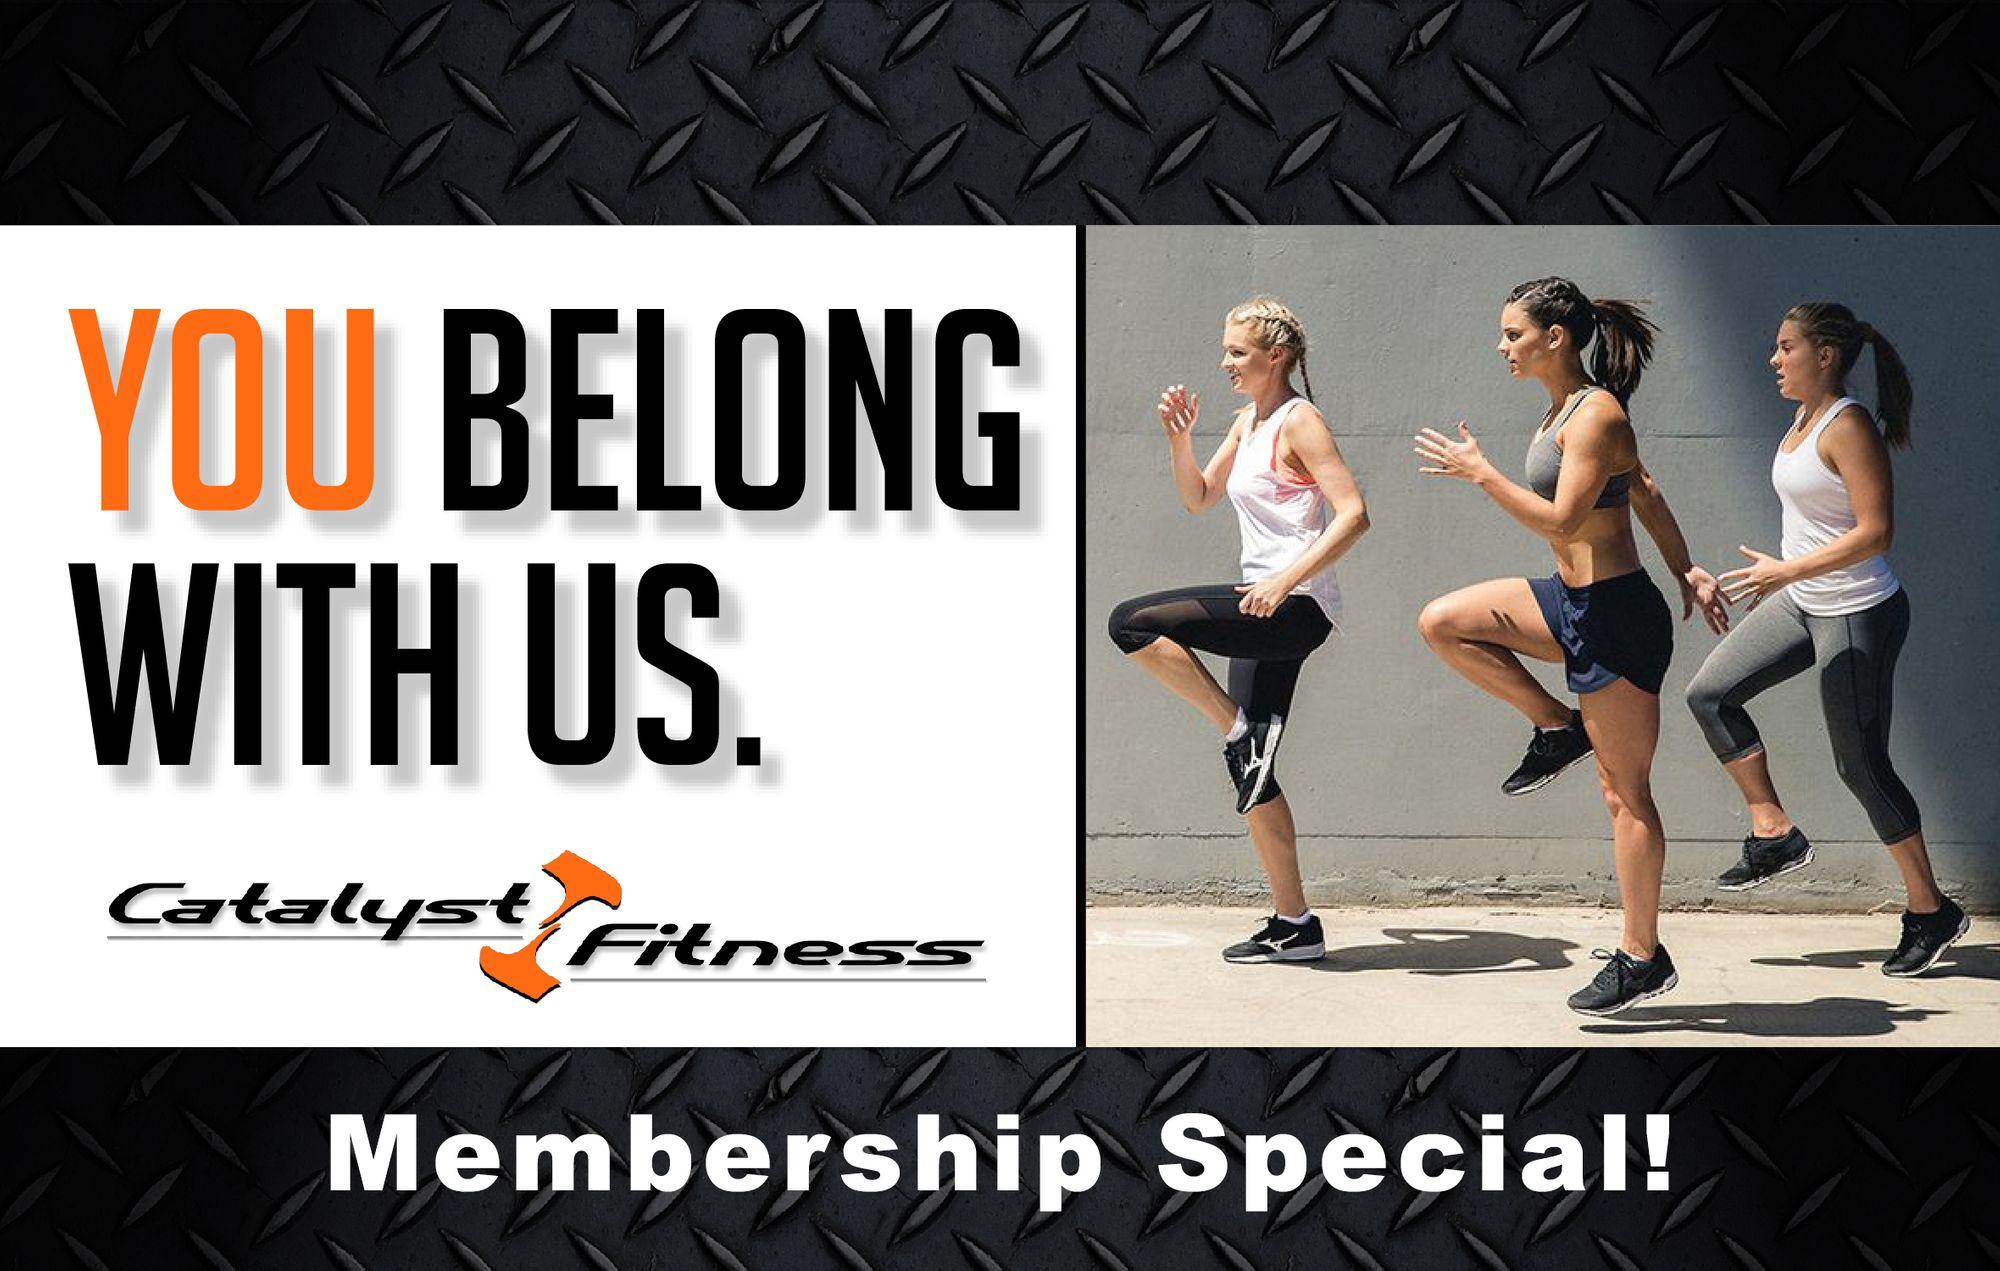 Membership Special!